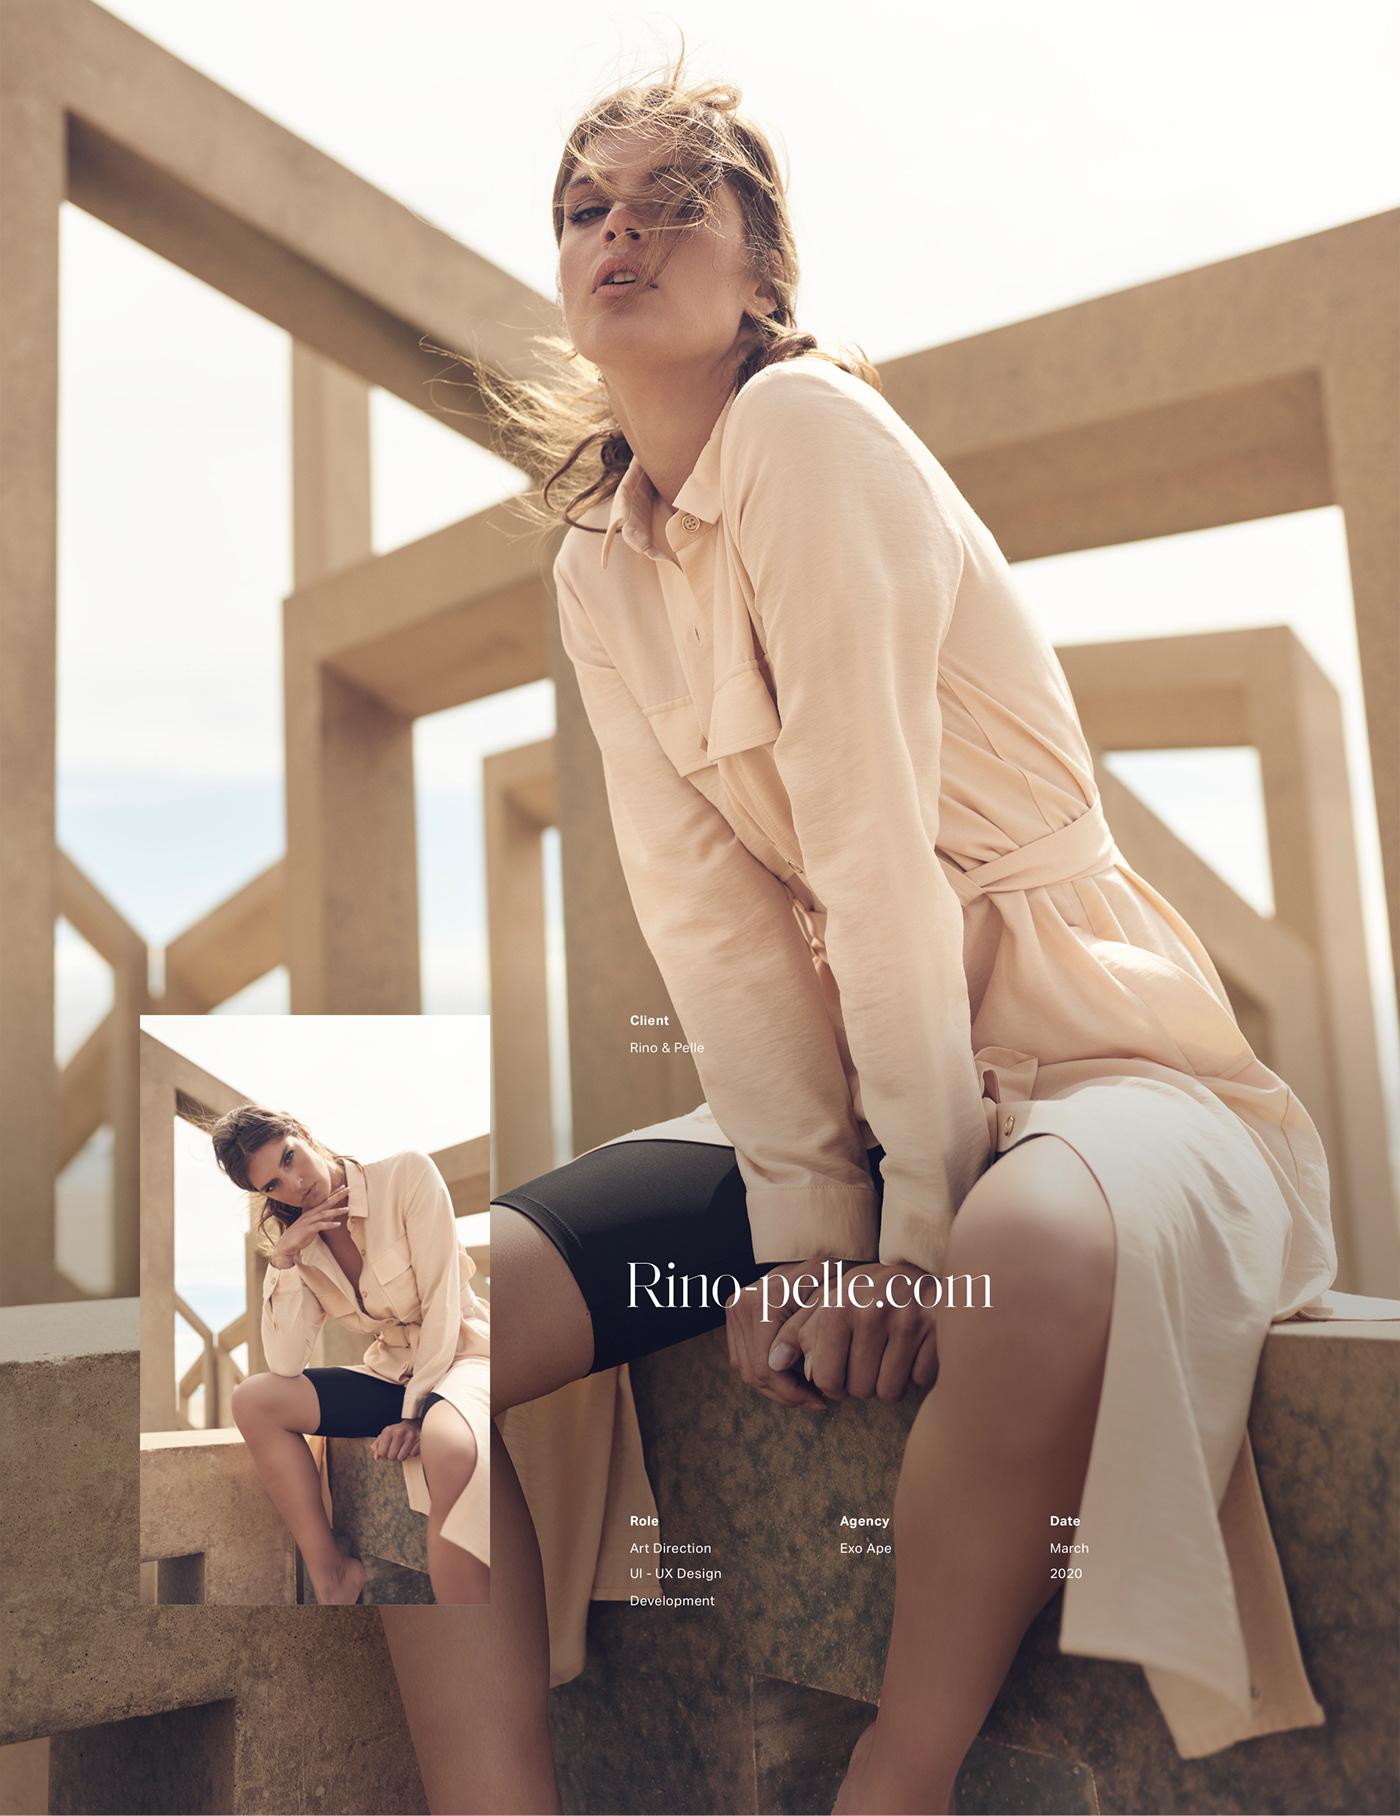 luxurious fashion website header